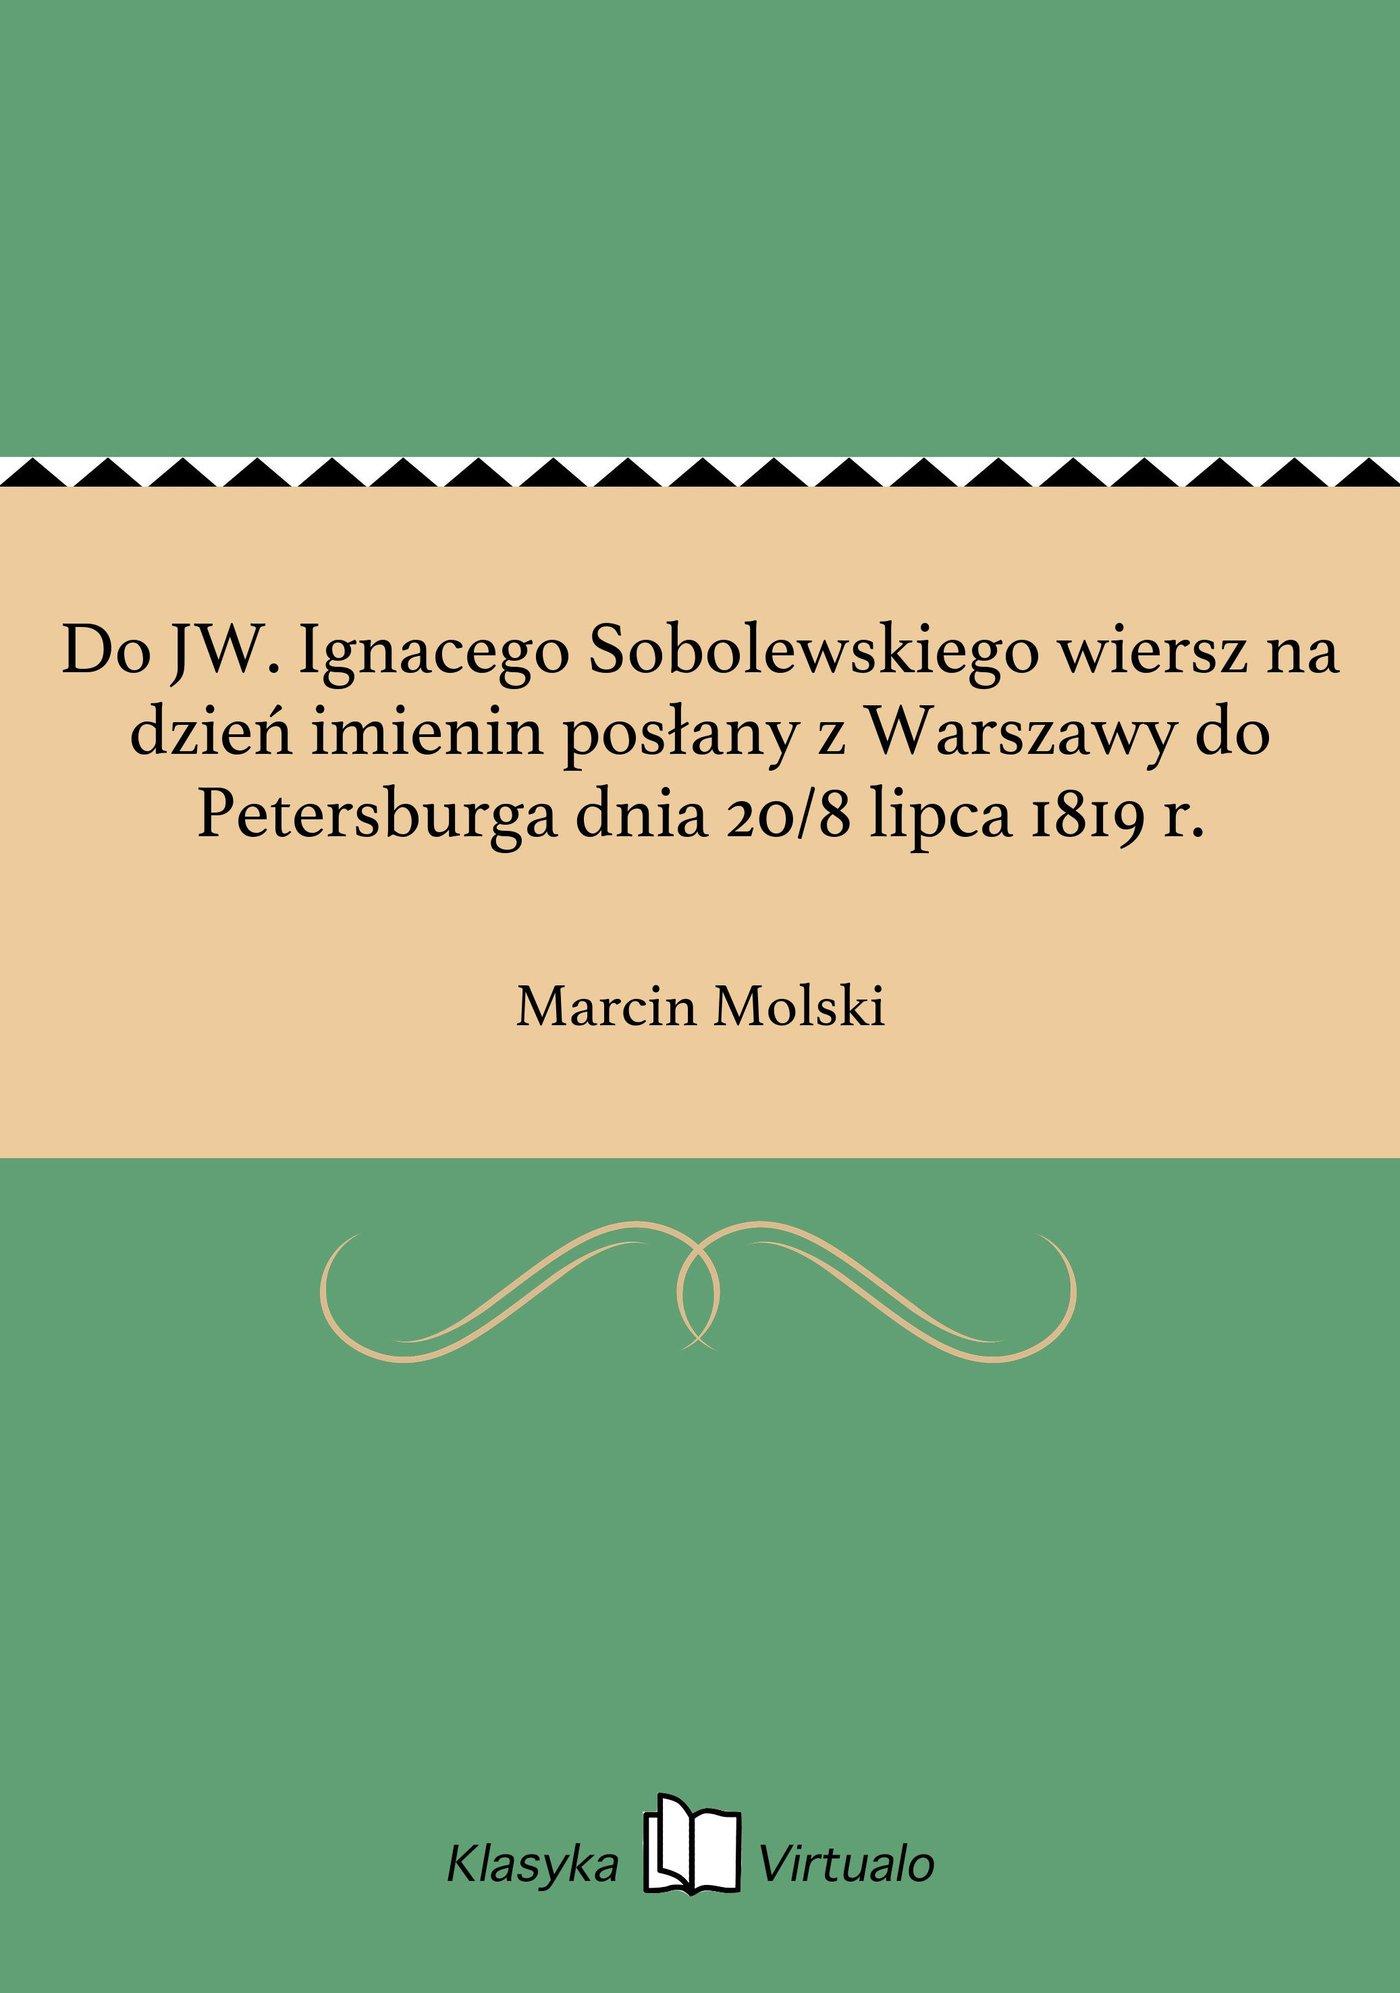 Do JW. Ignacego Sobolewskiego wiersz na dzień imienin posłany z Warszawy do Petersburga dnia 20/8 lipca 1819 r. - Ebook (Książka EPUB) do pobrania w formacie EPUB